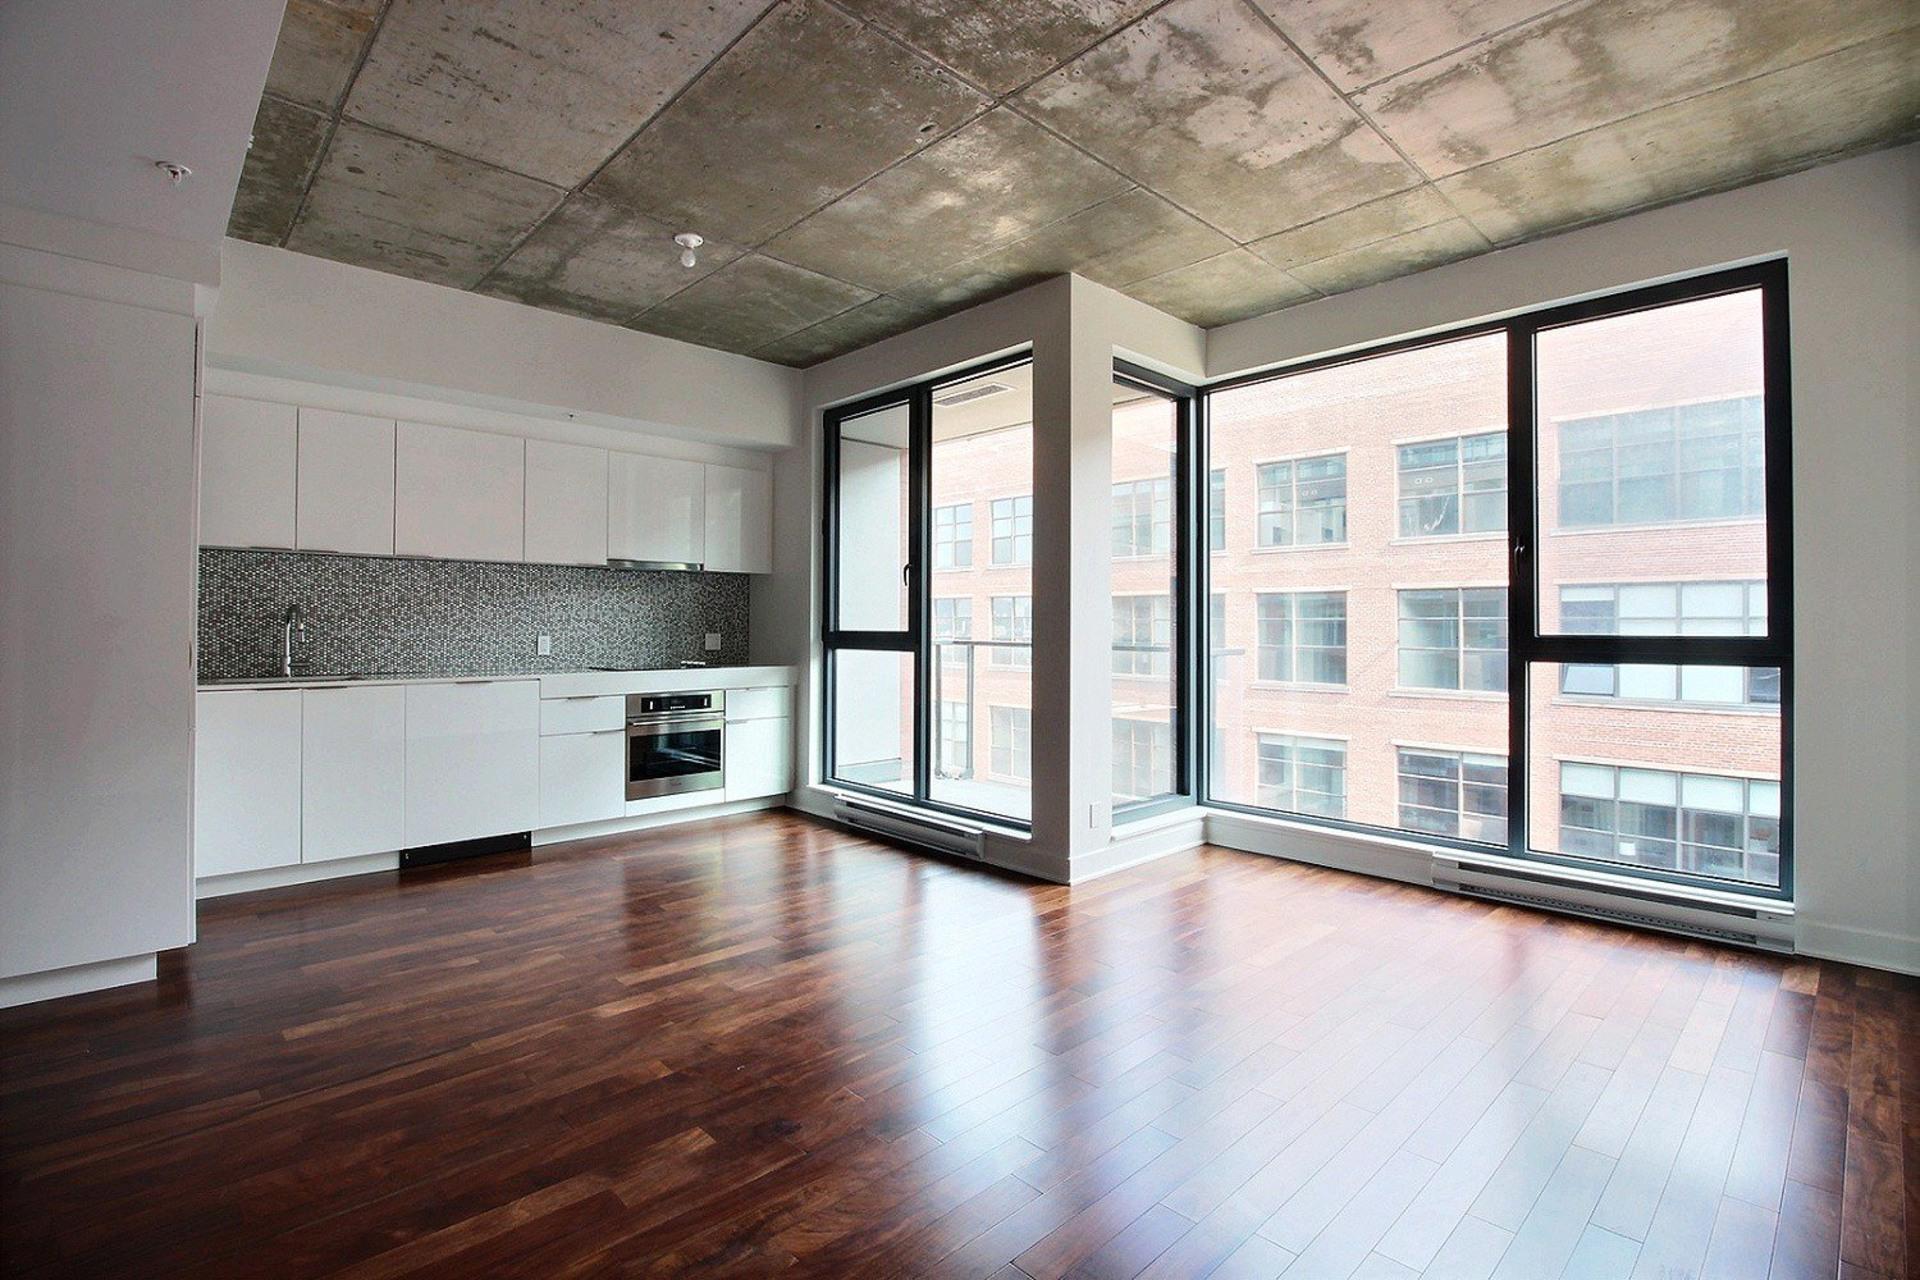 image 3 - Apartment For rent Montréal Le Sud-Ouest  - 5 rooms